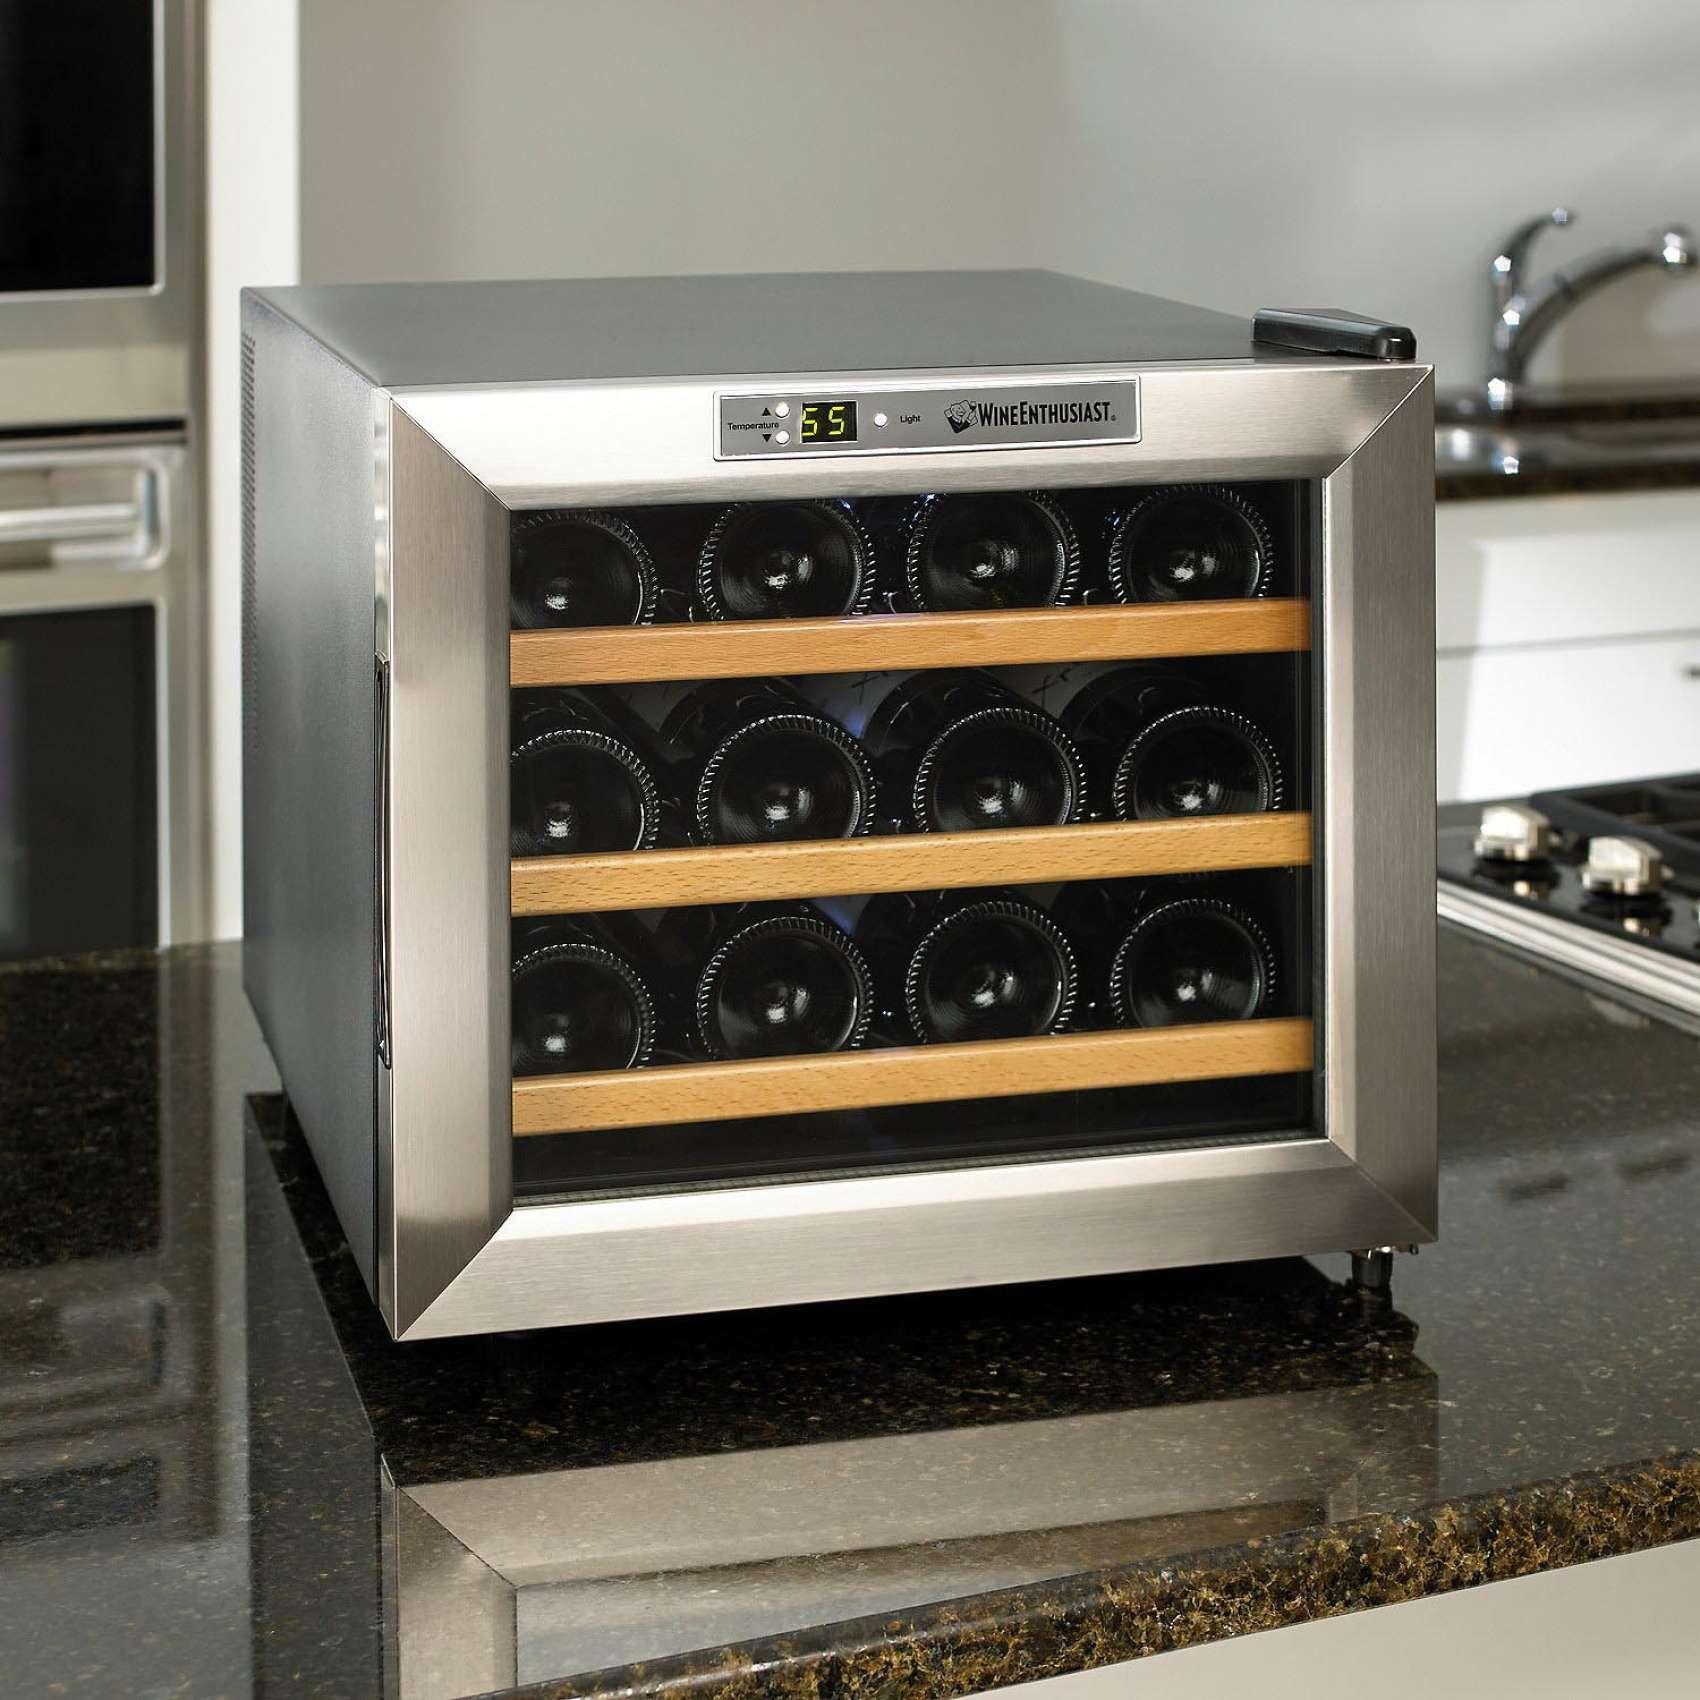 The Best Countertop Wine Refrigerator Hammacher Schlemmer I